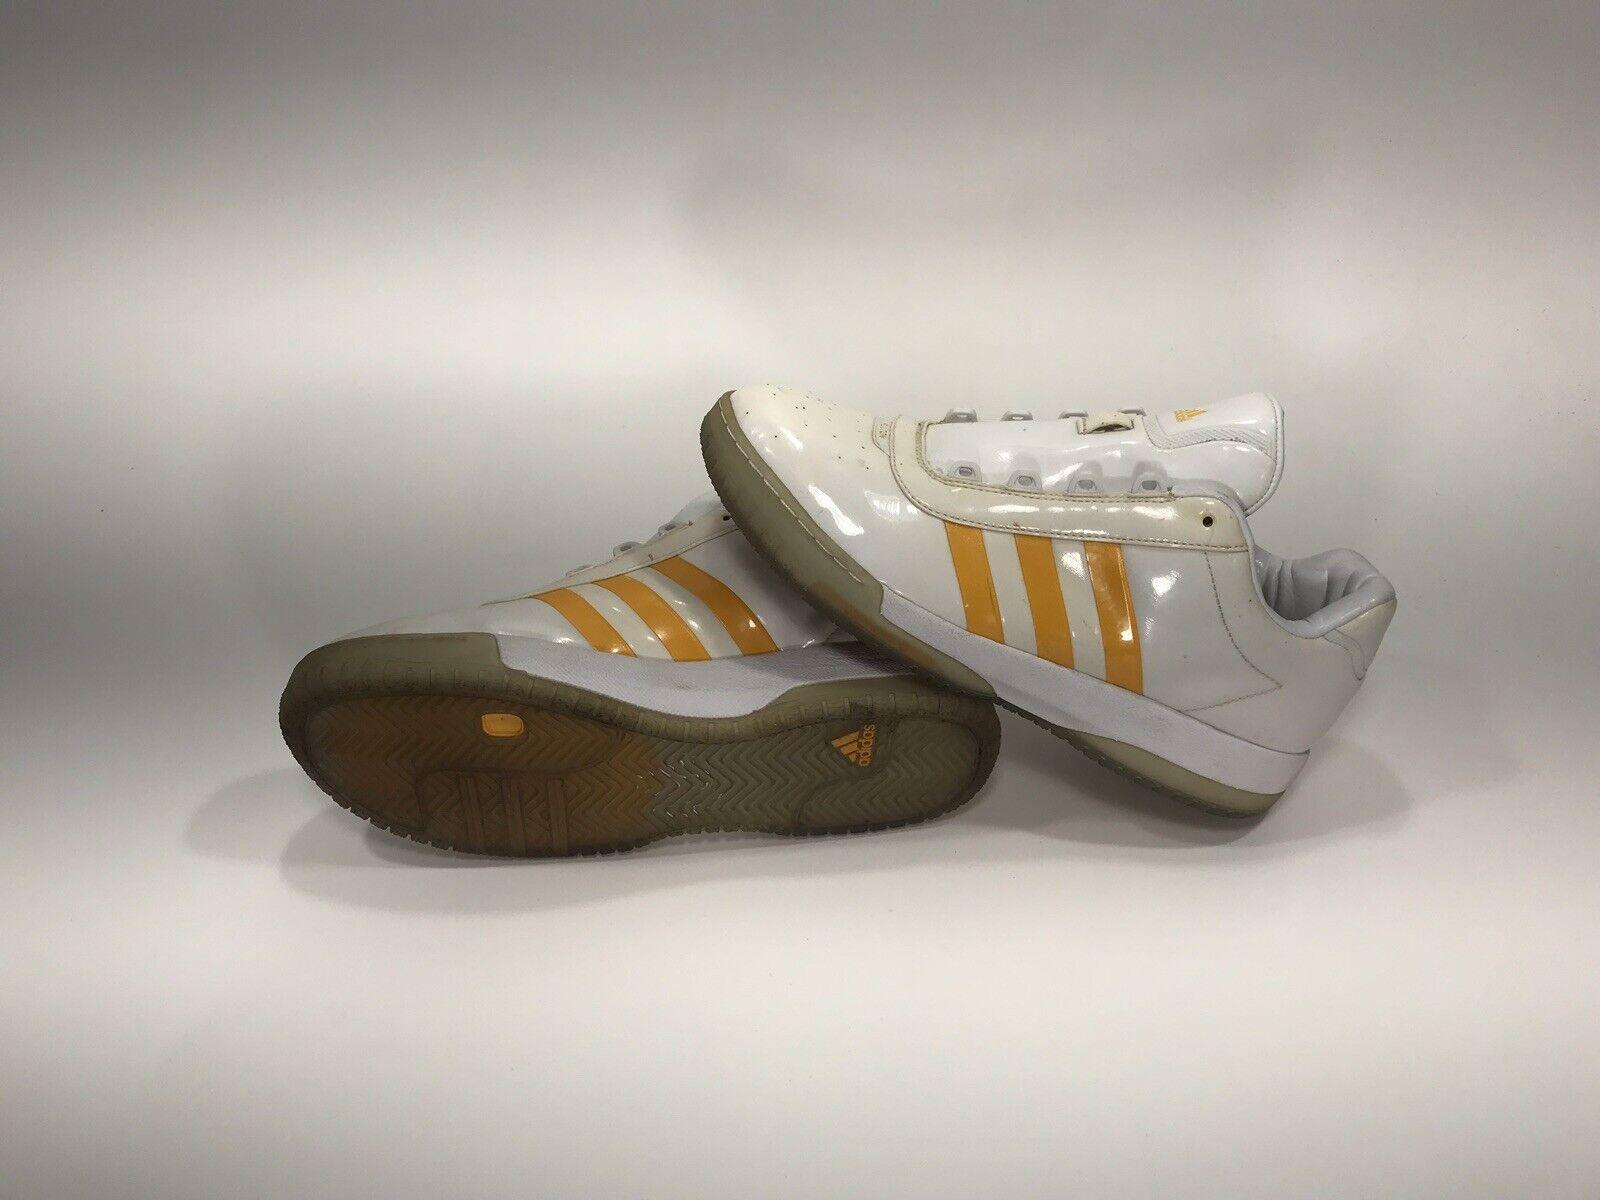 6384b28e5 Mens Adidas Fulton shoes Shiny Sample Dev Sample Size 9 Rare ...